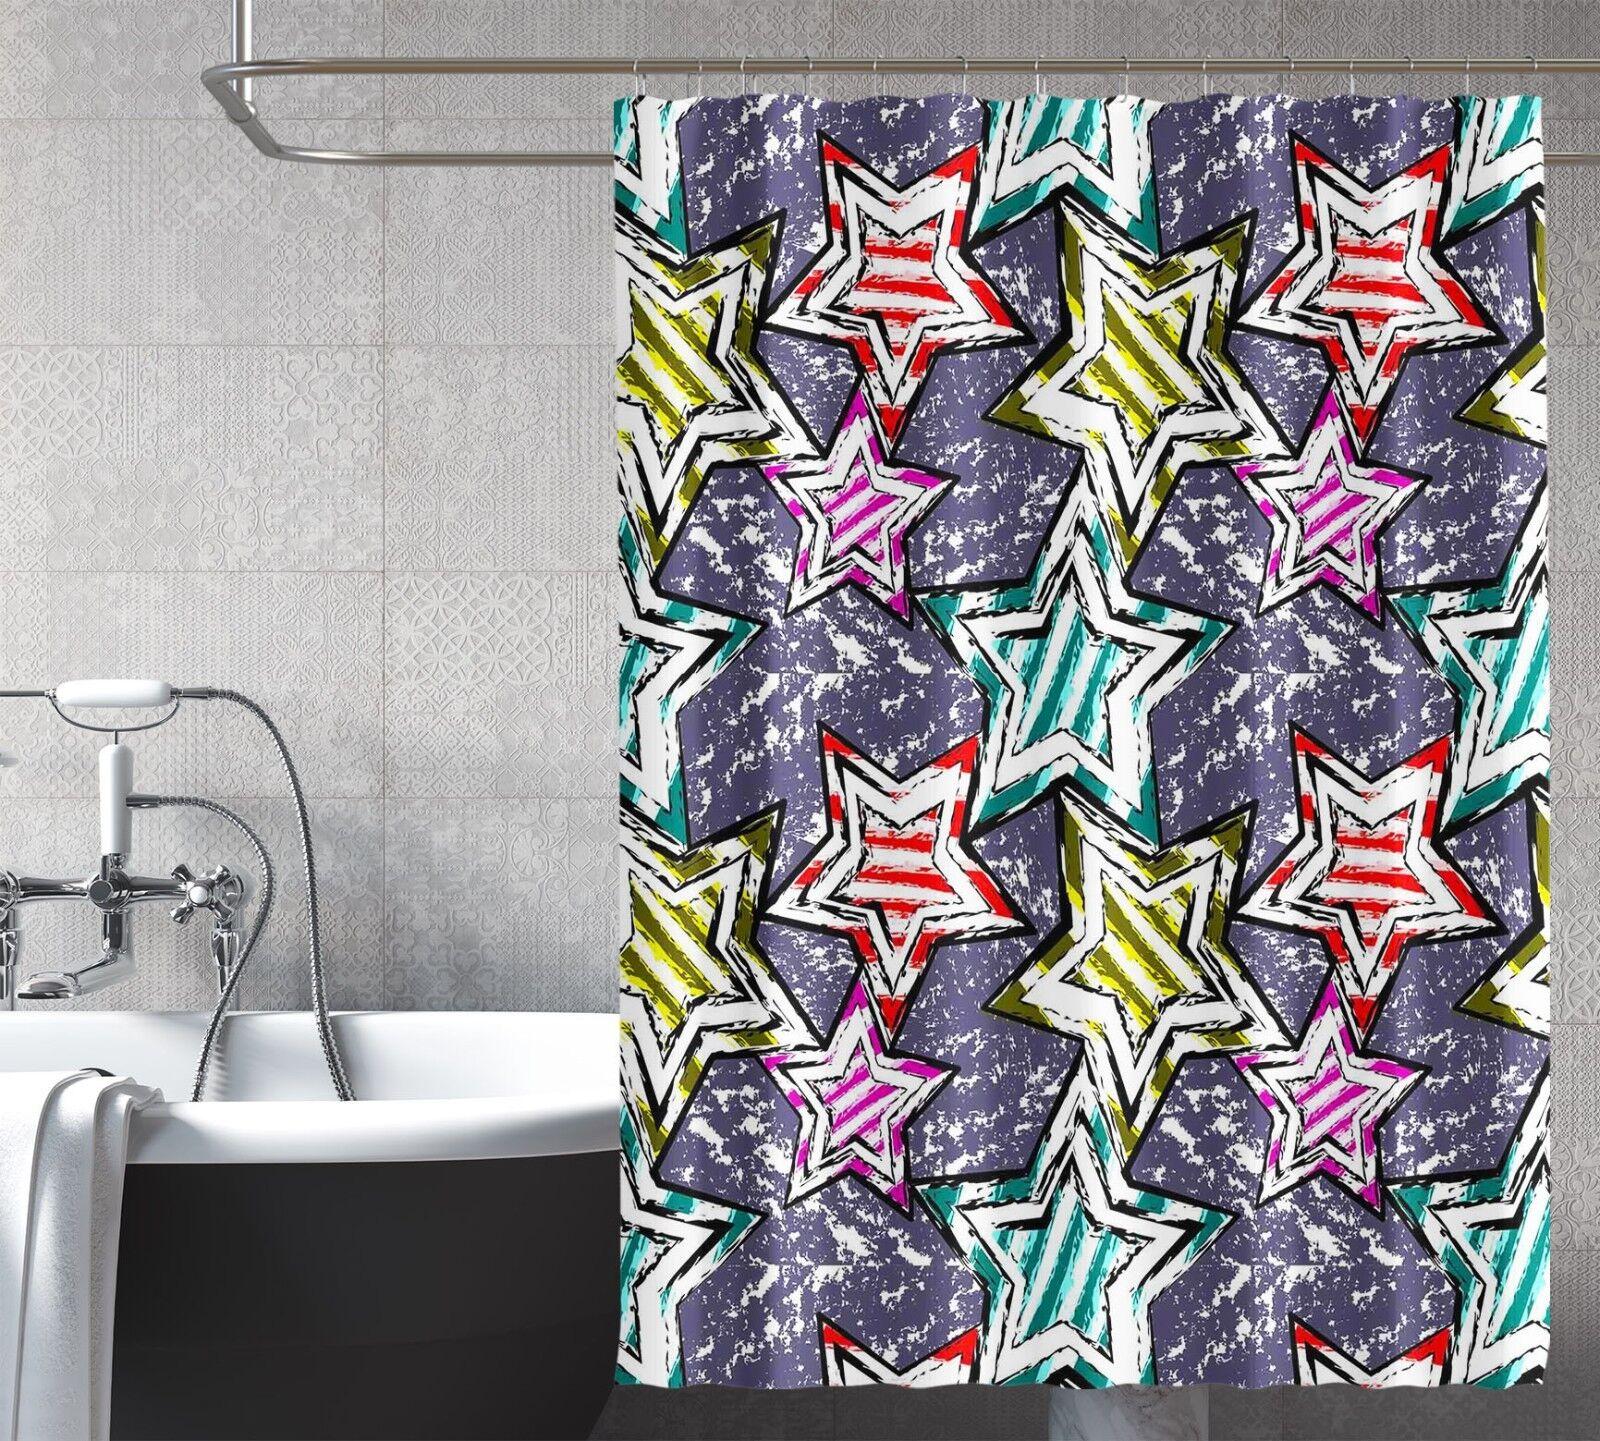 3D Stern Malerei 3 Duschvorhang Wasserdicht Faser Bad Daheim Windows Toilette DE | Meistverkaufte weltweit